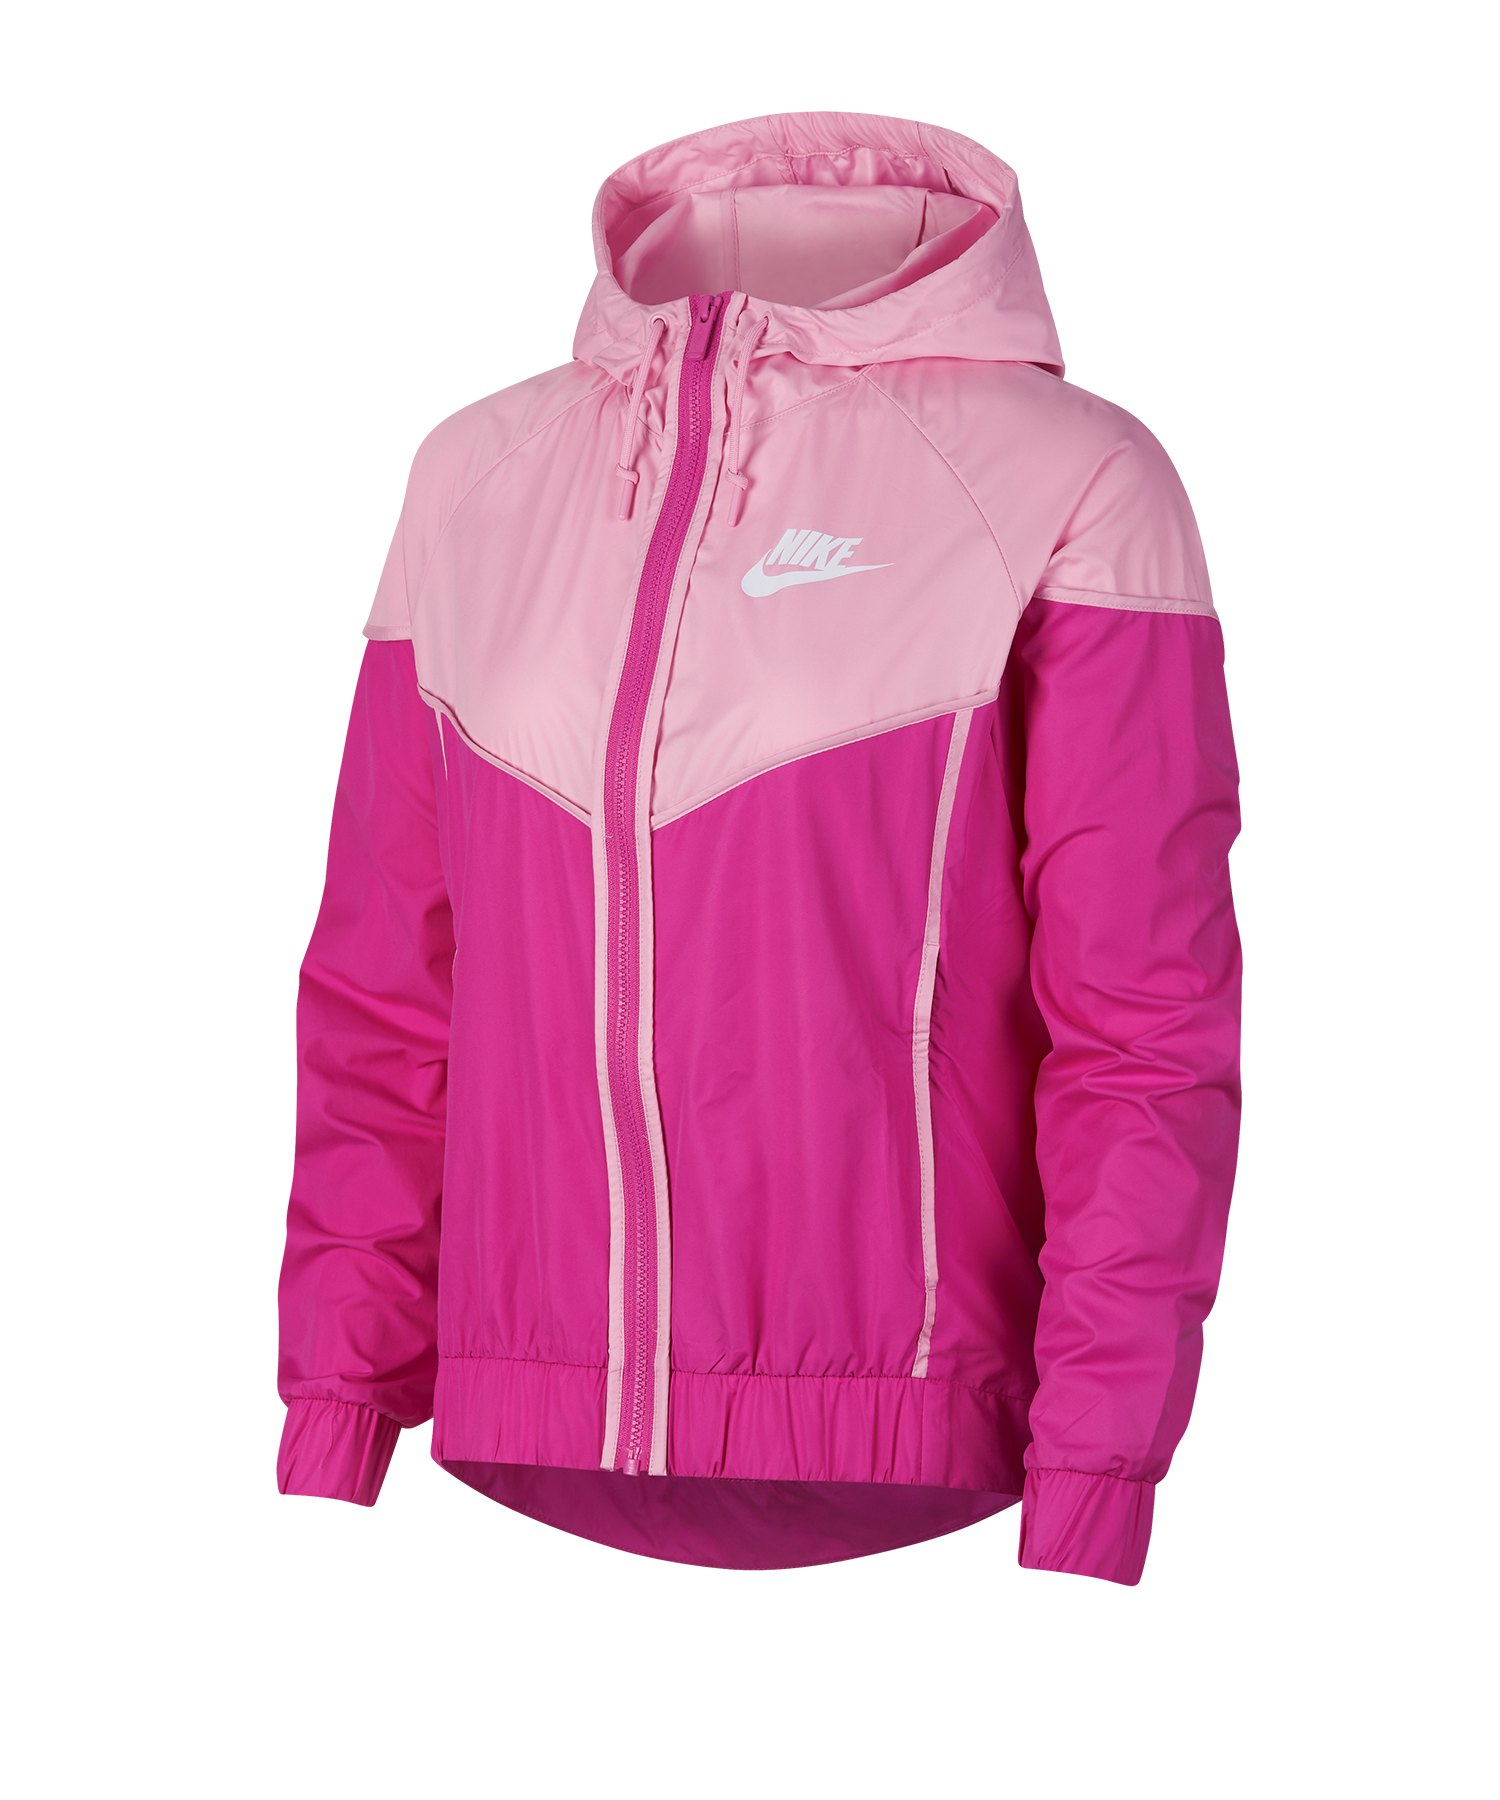 begrenzter Preis jetzt kaufen toller Wert Nike Windrunner Jacket Jacke Damen Pink F623